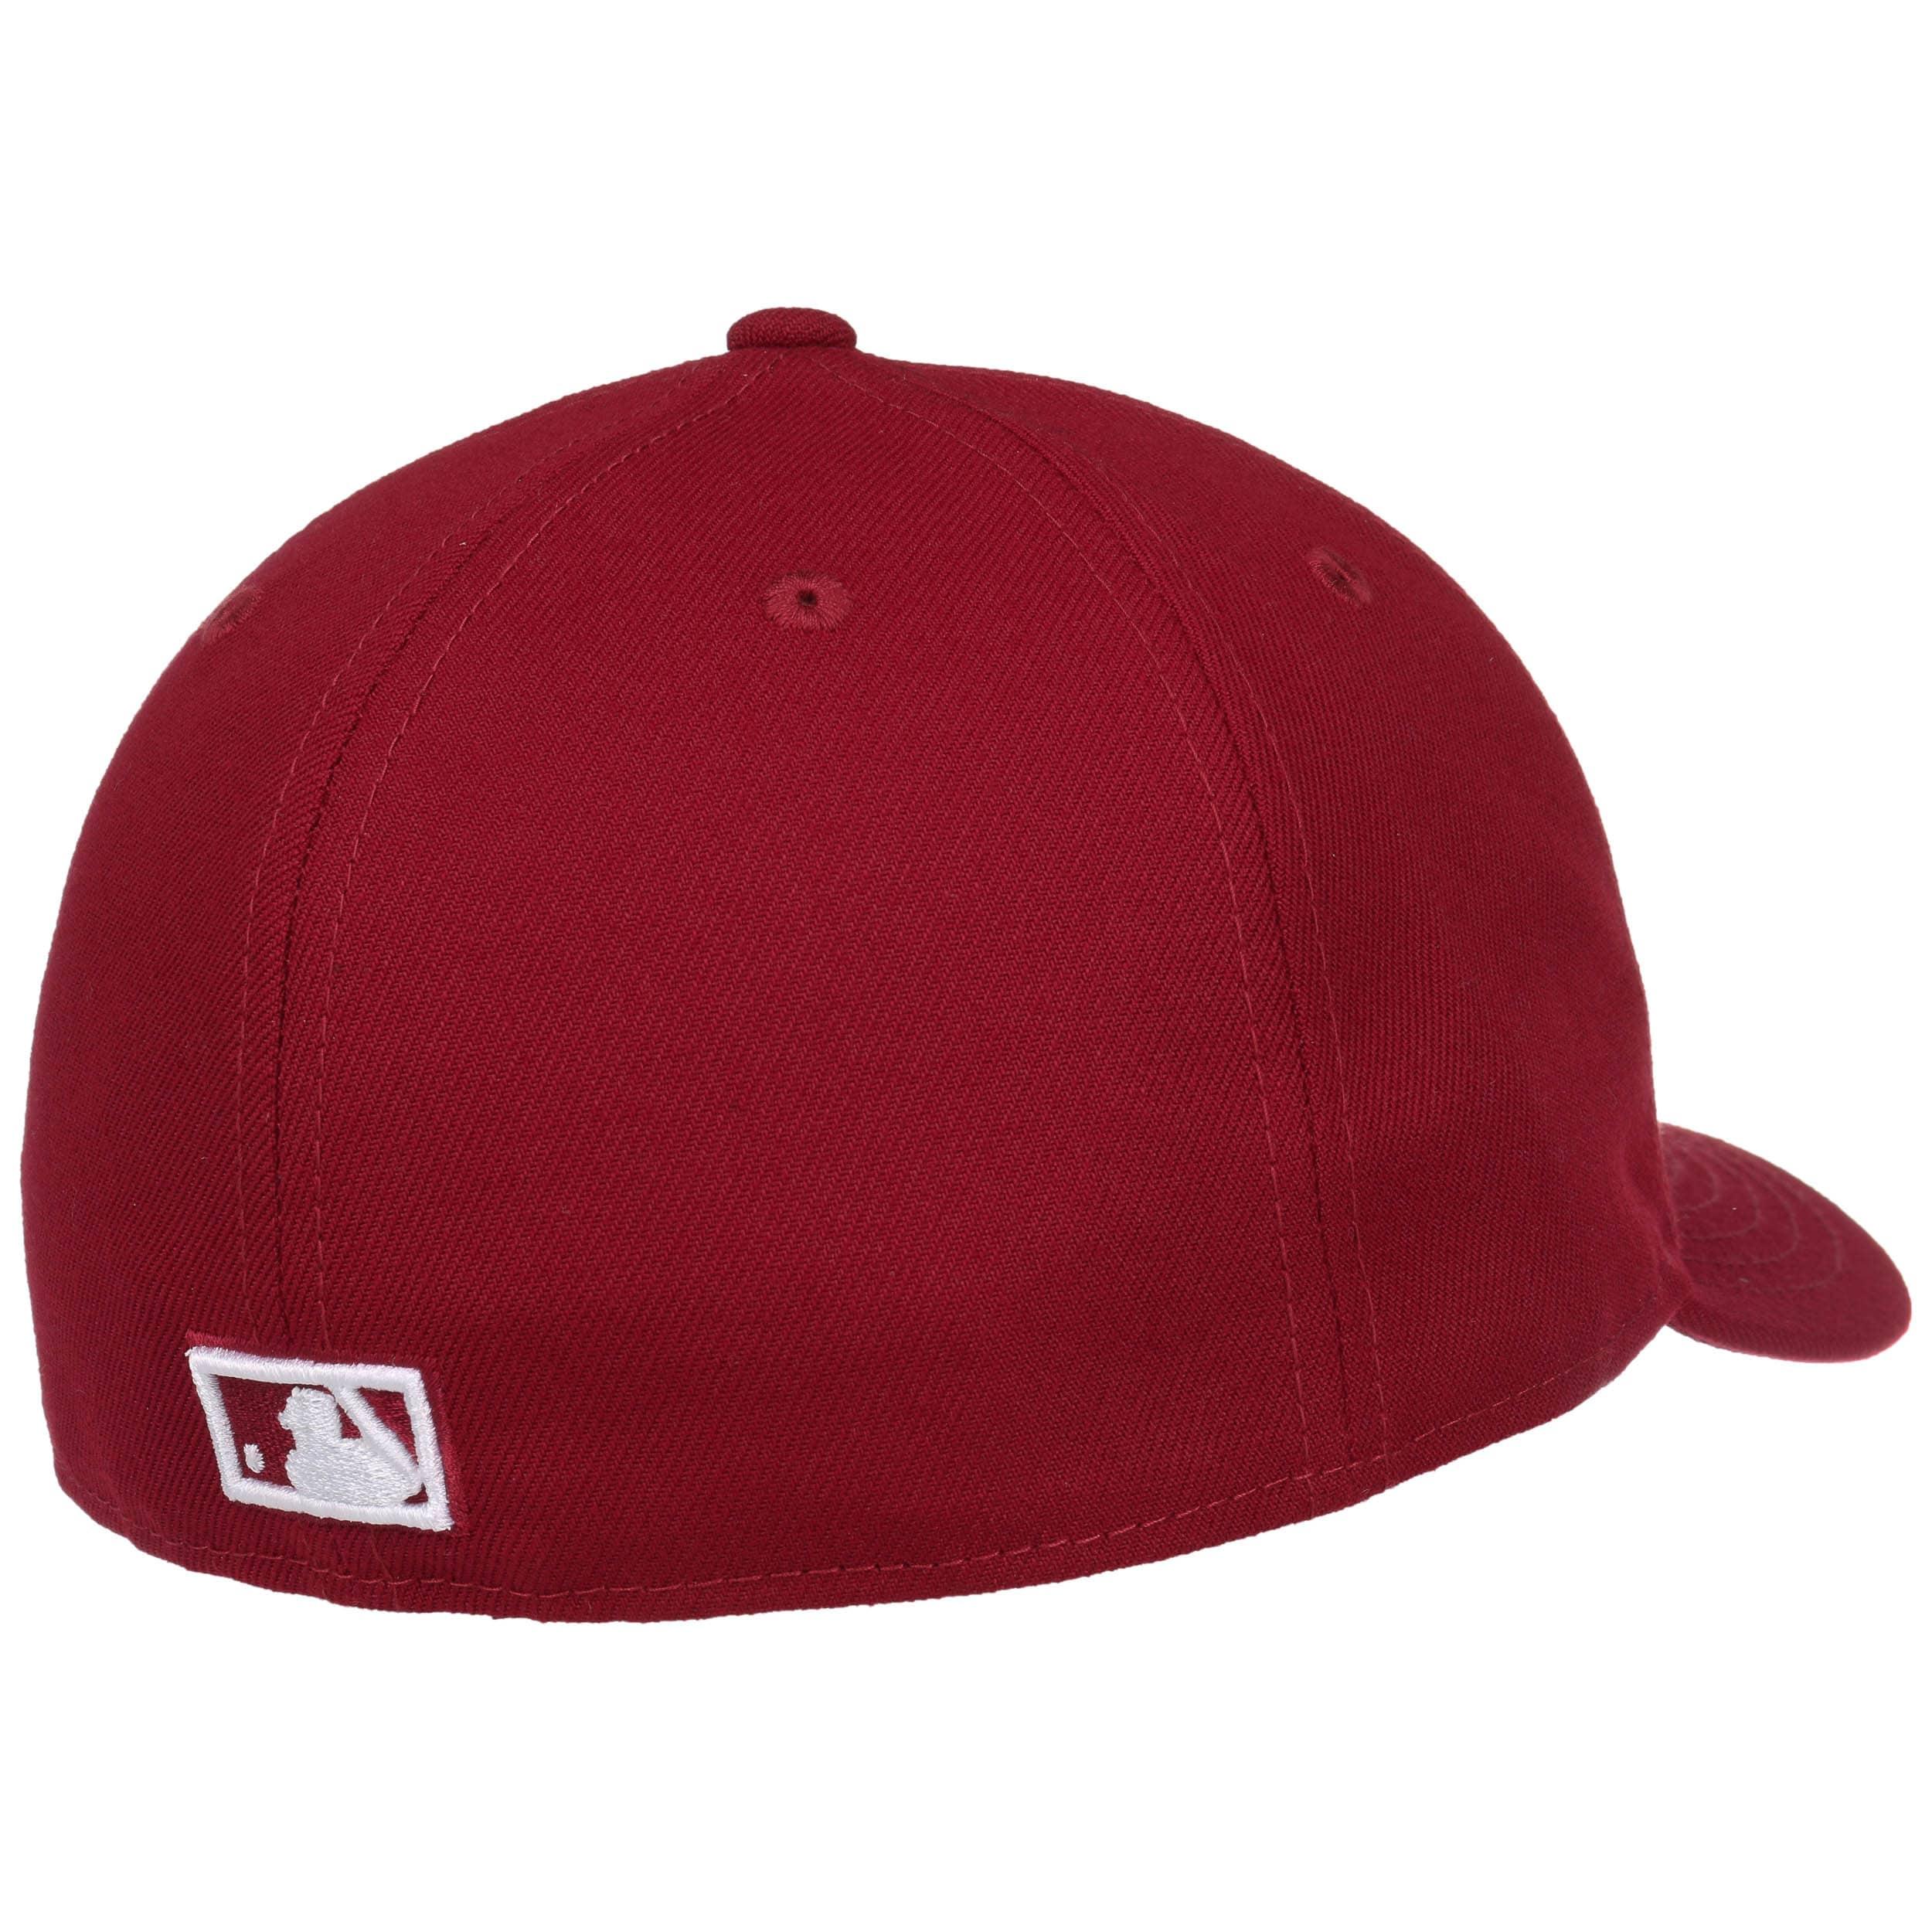 ... 59Fifty Low Profile Yankees Cap by New Era - bordeaux 3 ... 8c73ebd493d